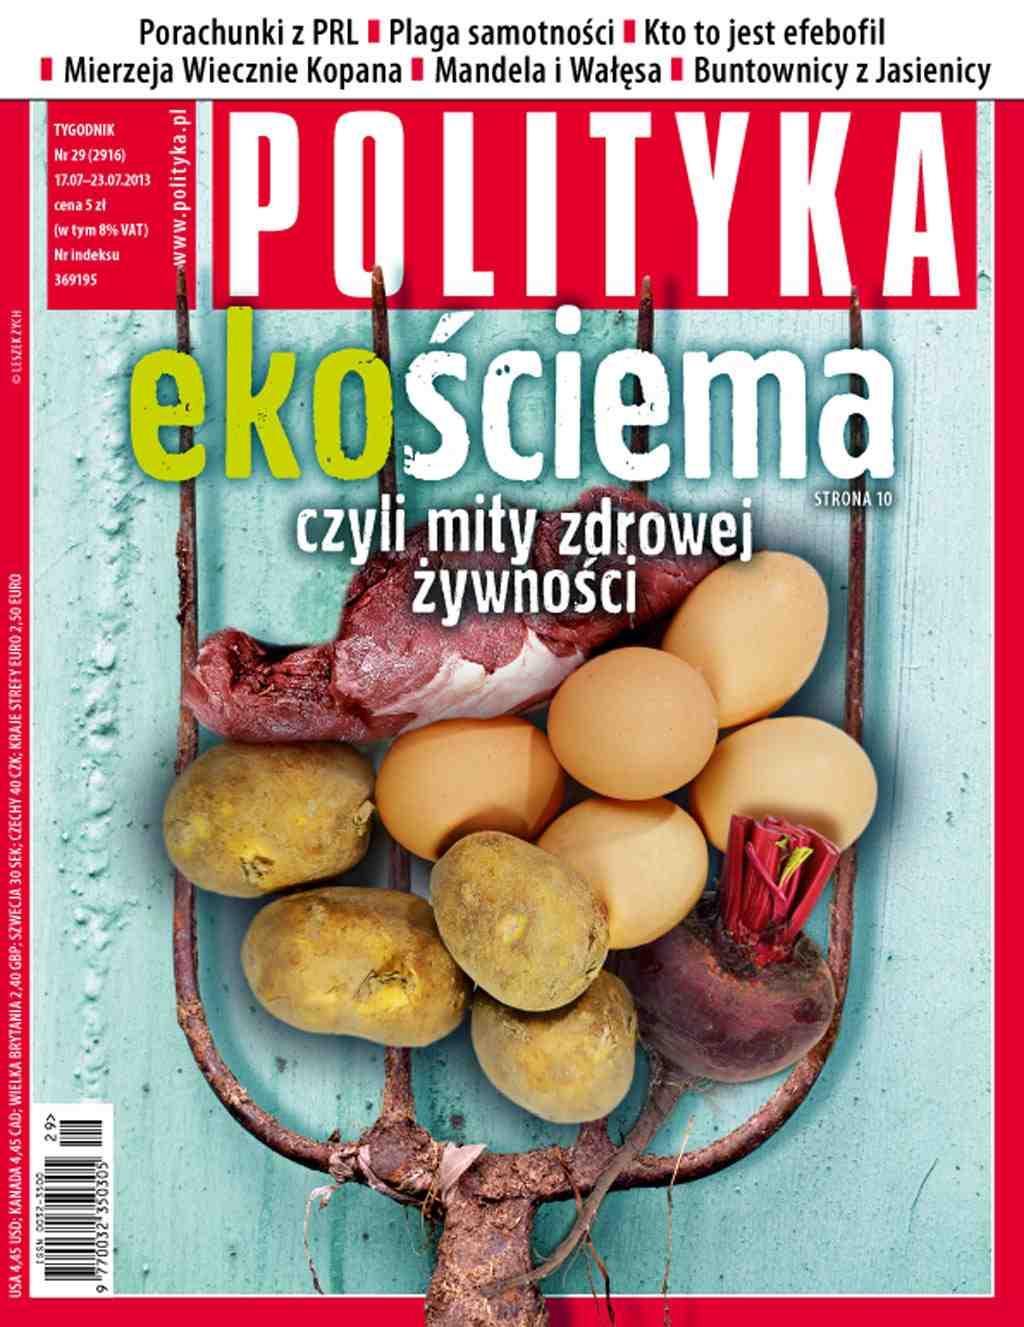 Polityka nr 29/2013 - Ebook (Książka PDF) do pobrania w formacie PDF